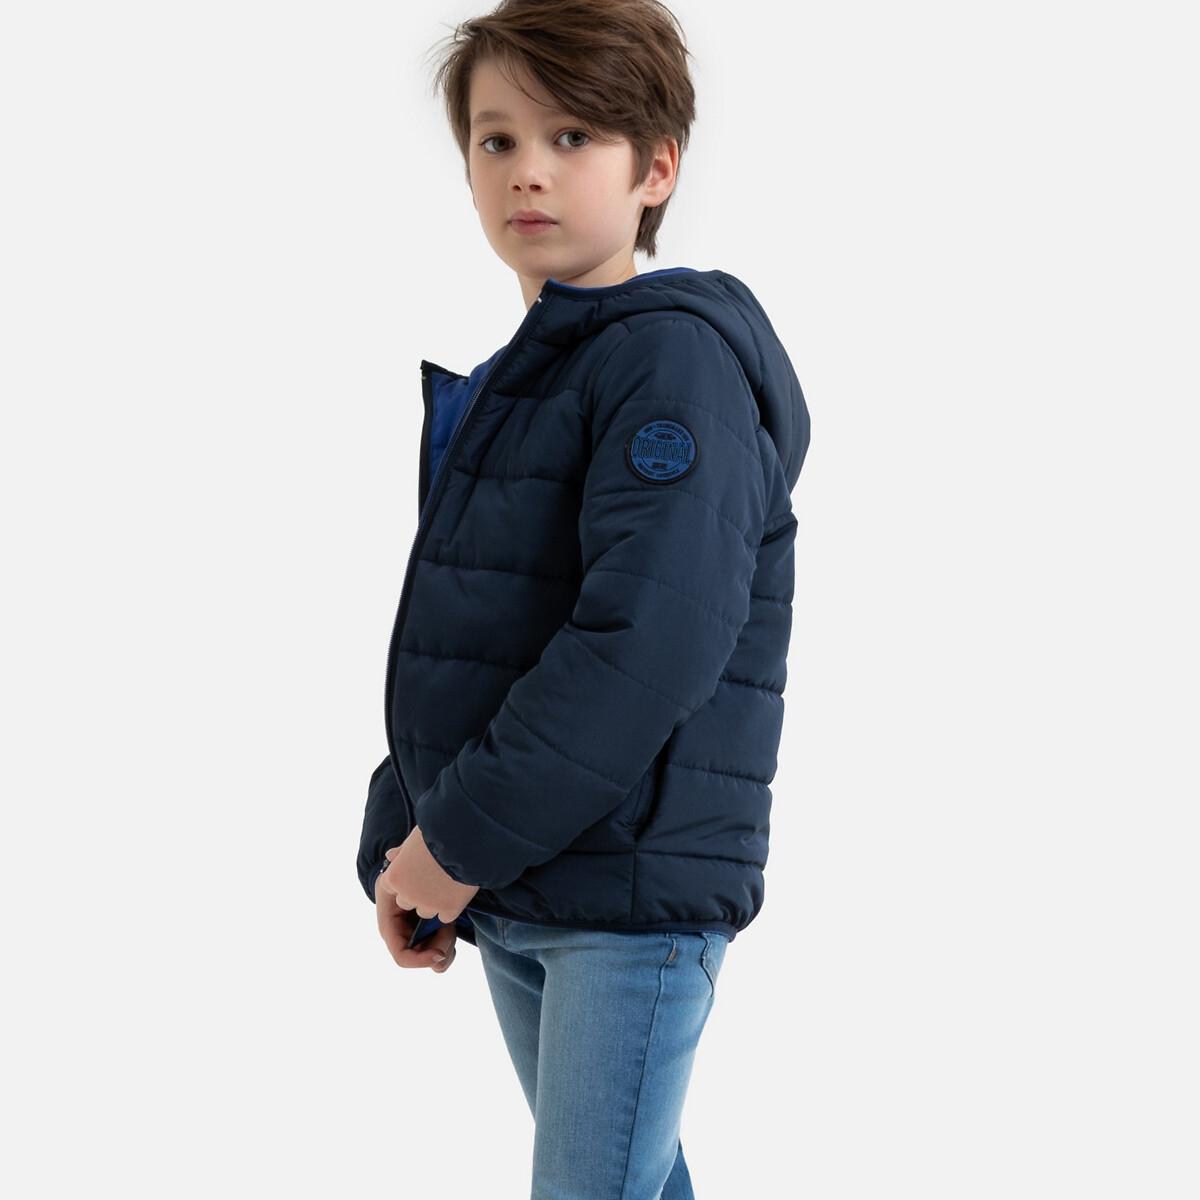 Куртка La Redoute Стеганая тонкая двусторонняя демисезонная модель 5 лет - 108 см синий